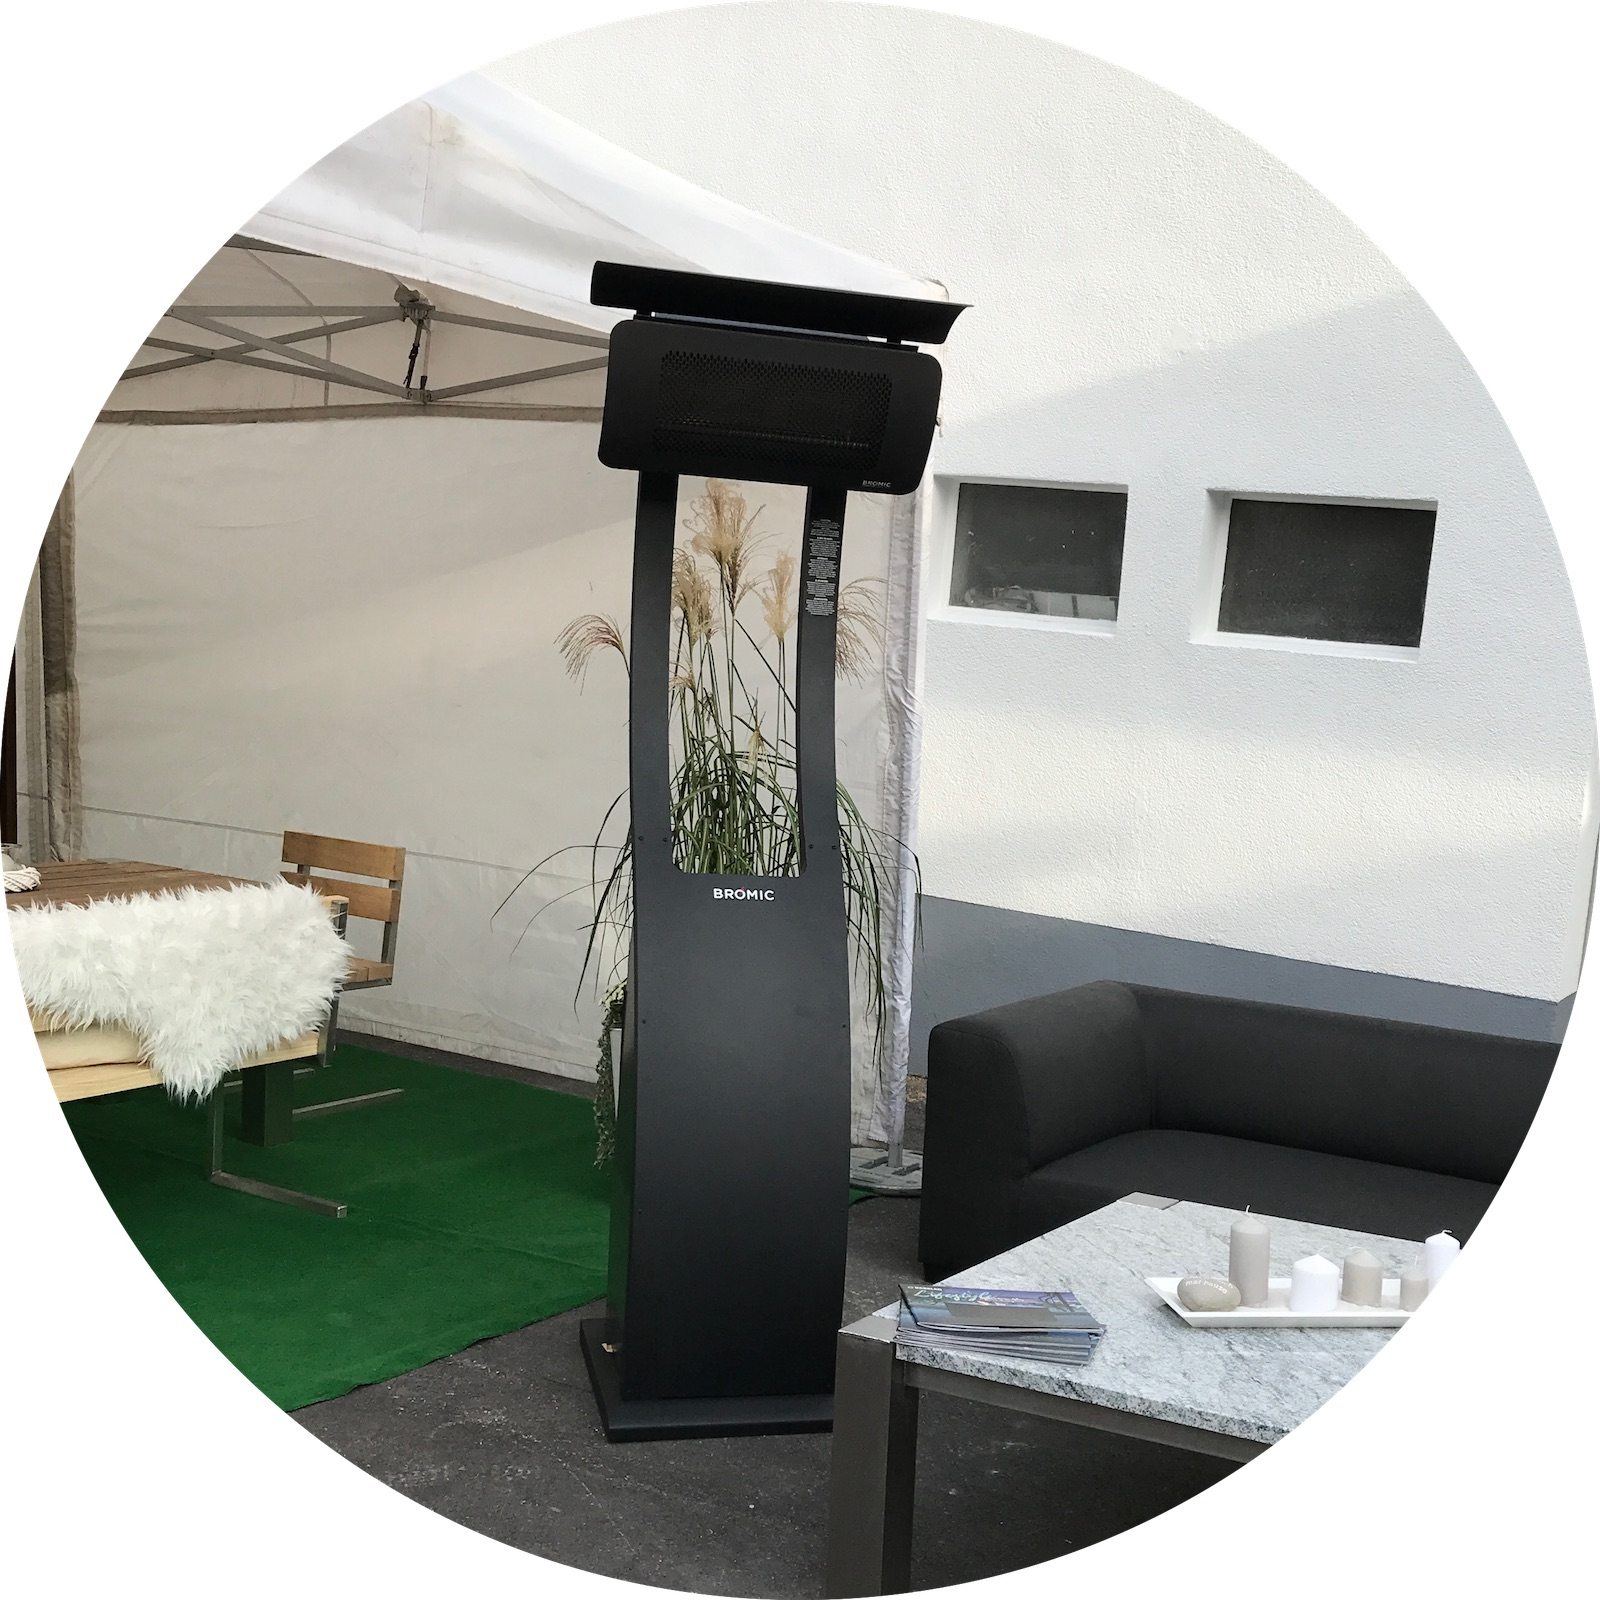 kundeninstallation von designheizk rpern design heizstrahlern und et. Black Bedroom Furniture Sets. Home Design Ideas